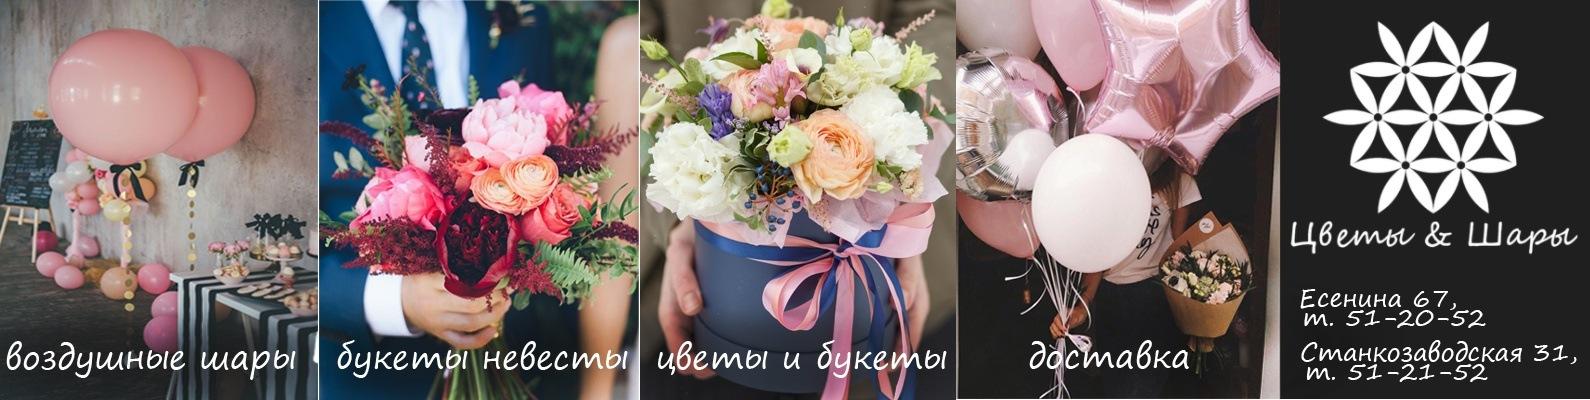 Новогодний букет на стол рязань, красивый букет невесты из розовых роз цена